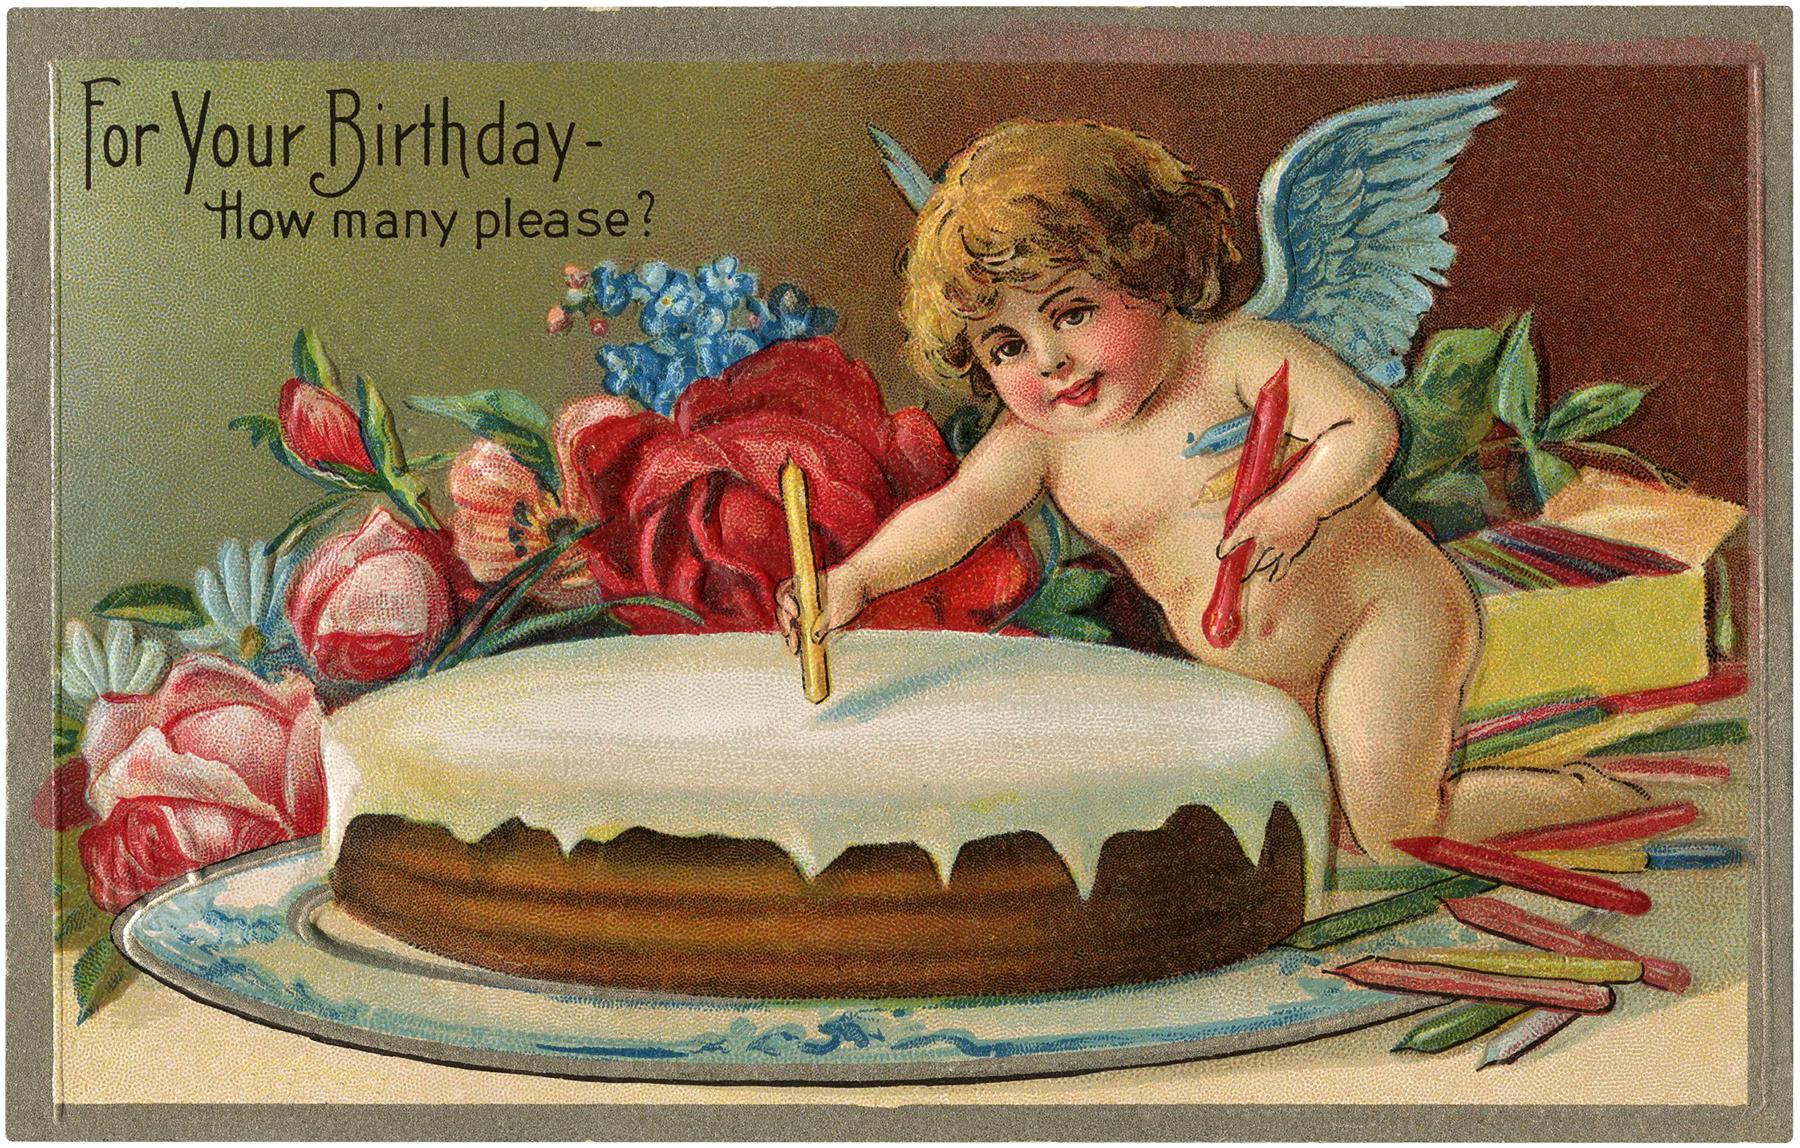 Vintage Birthday Cherub Image